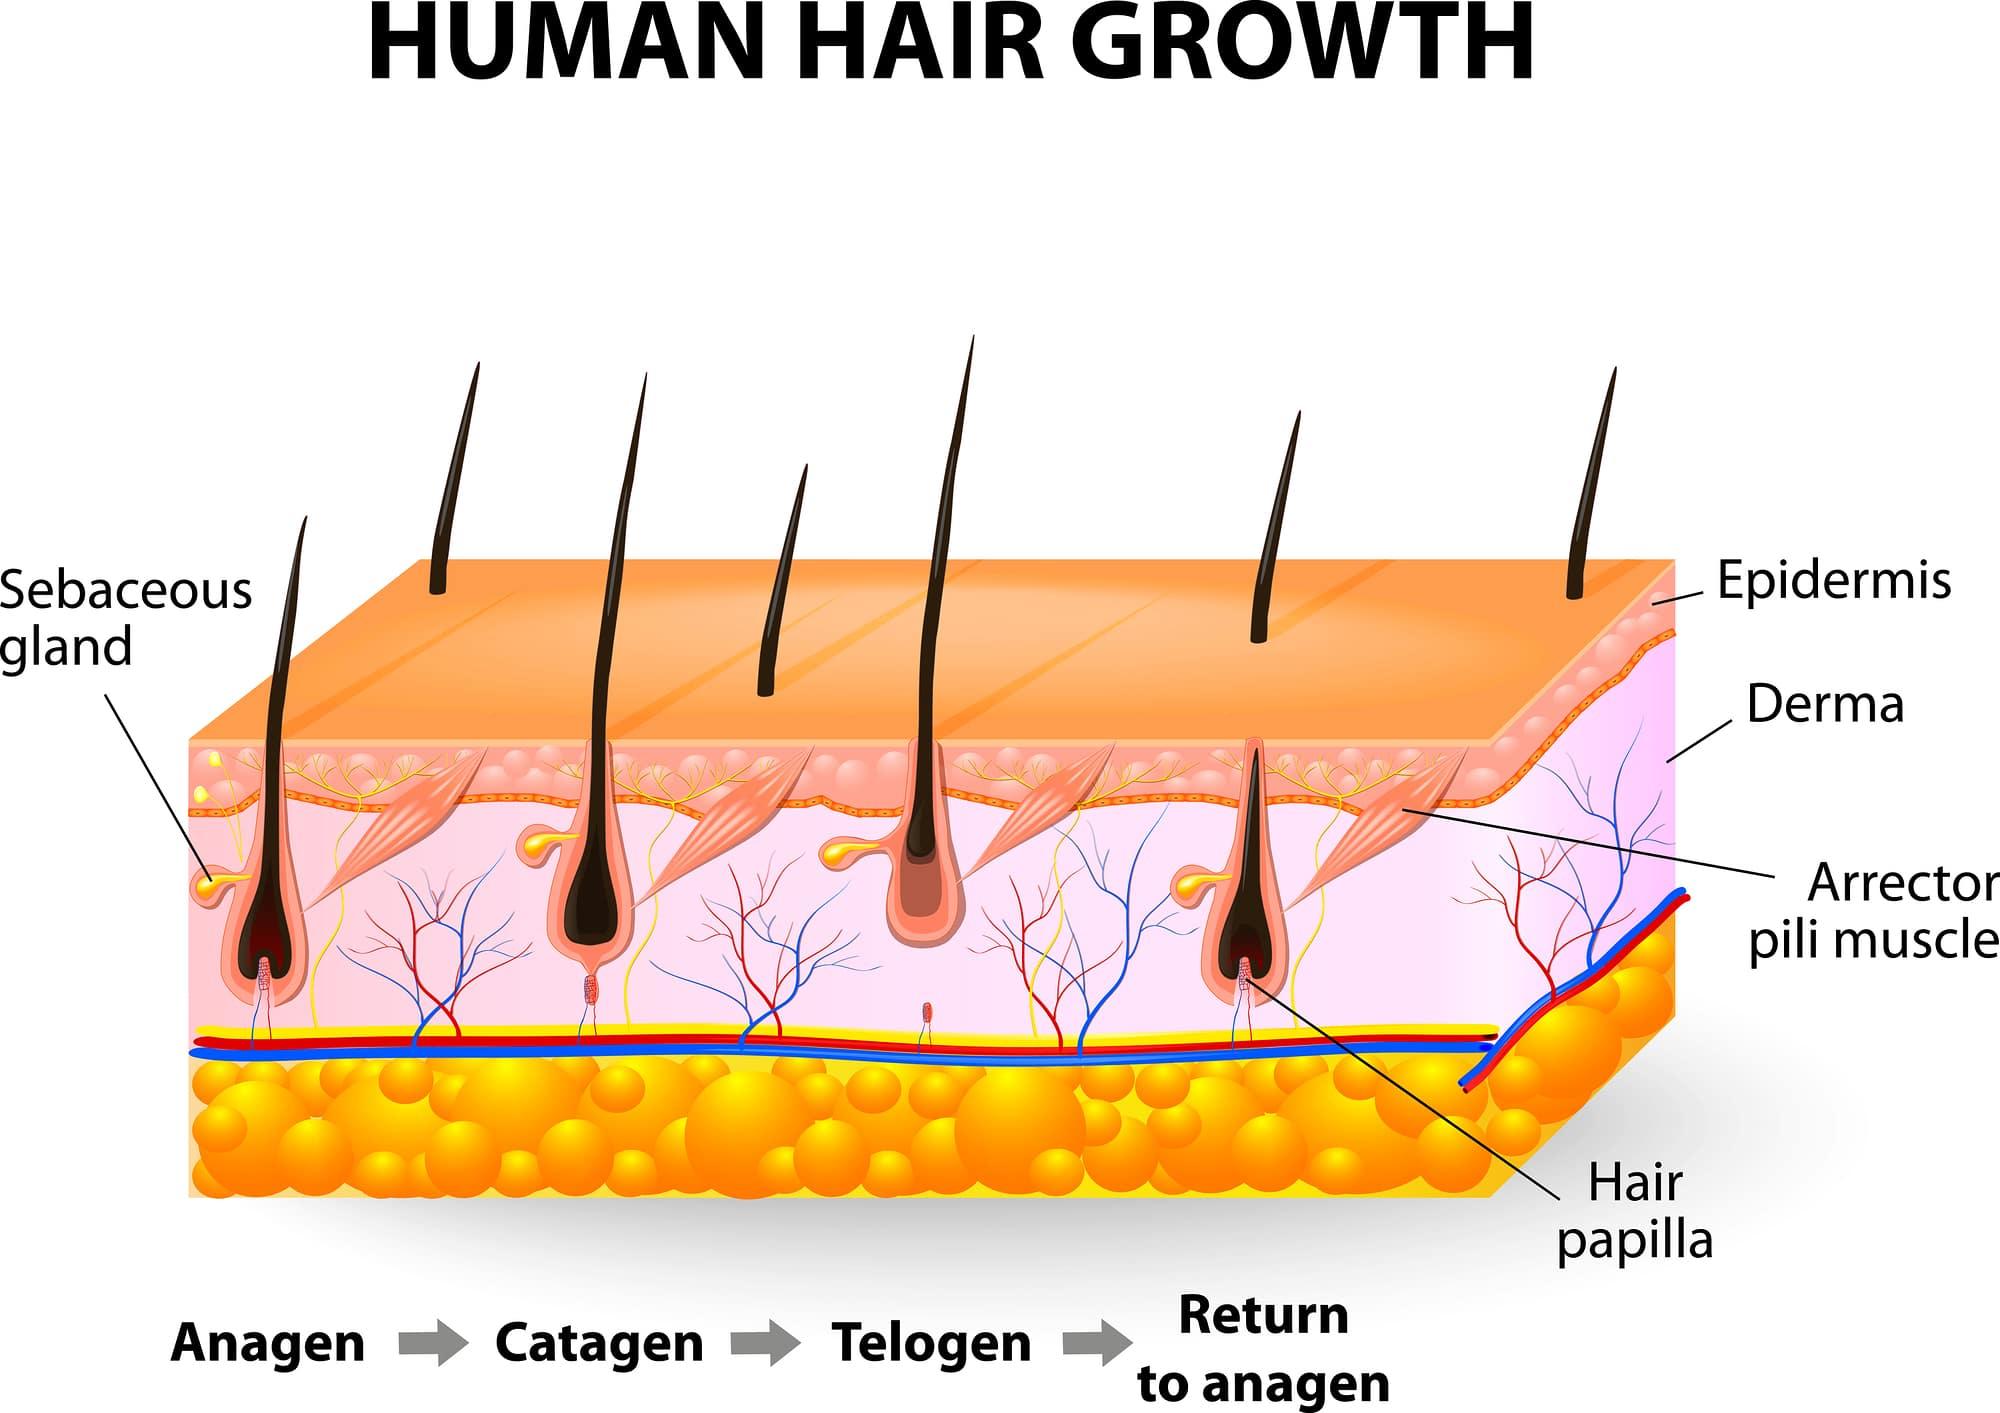 Så fungerar hårborttagning med laser- För dig som vill fördjupa dig